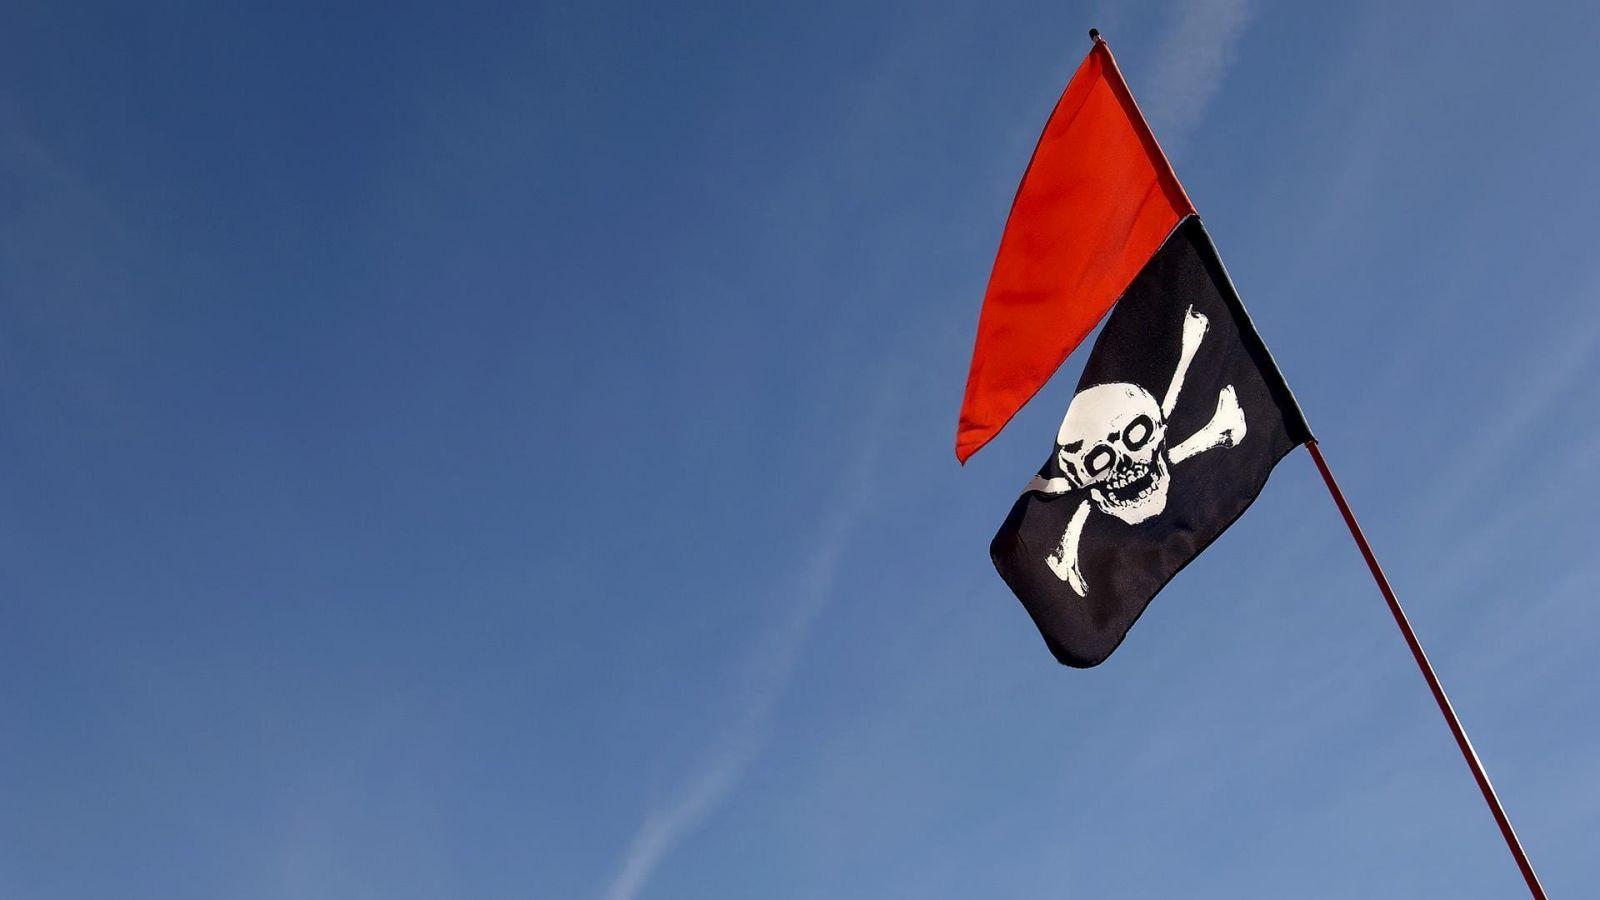 В России на 27% сократился пиратский рынок. Это первый спад за 5 лет непрерывного роста (20140319 gaf uv7 1714)